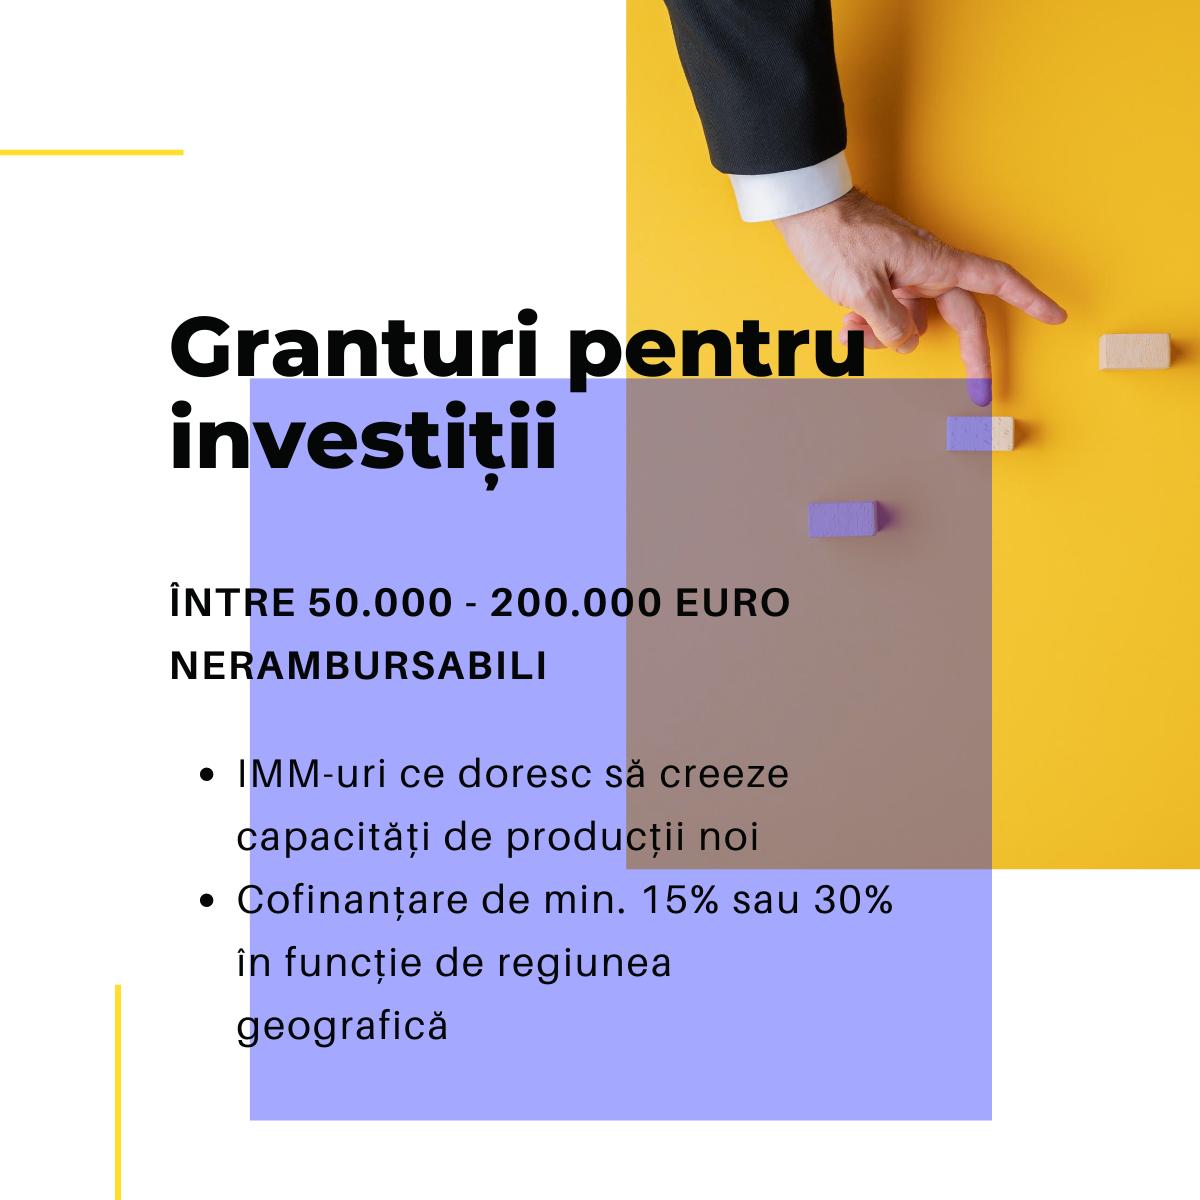 Granturi pentur investitii